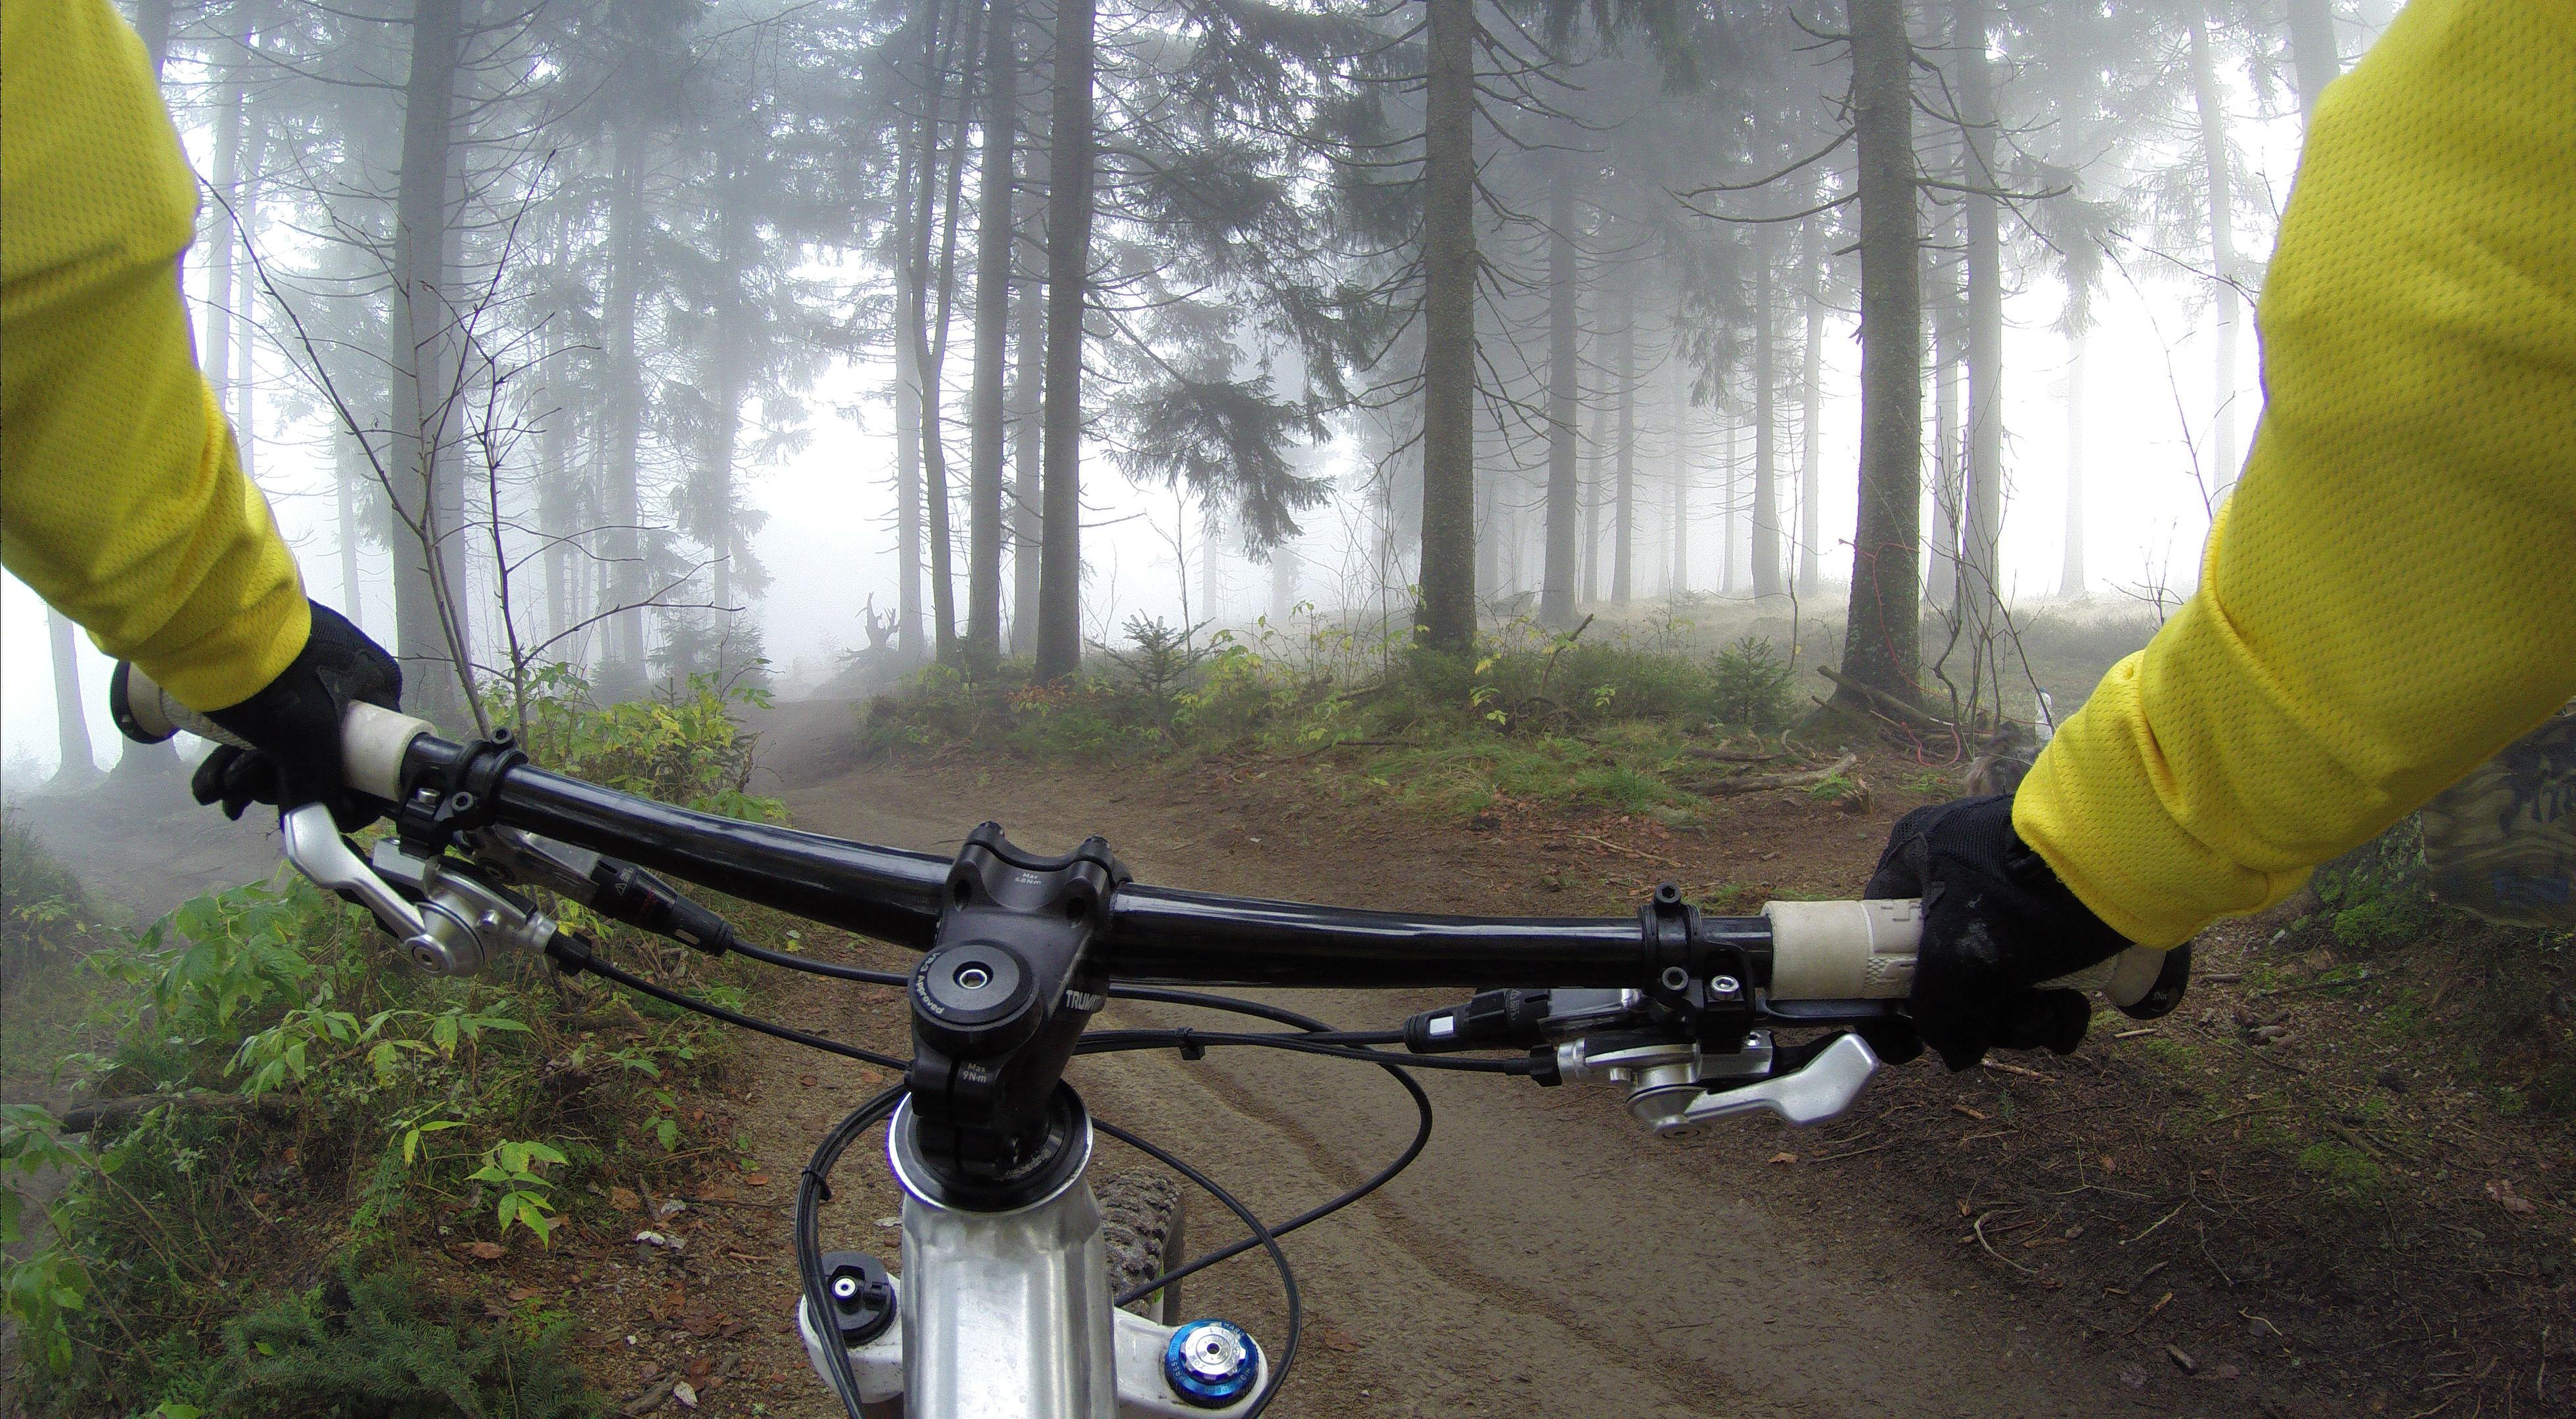 Sigue la aventura del sendero del oso en bicicleta. Adéntrate en el desierto profundo